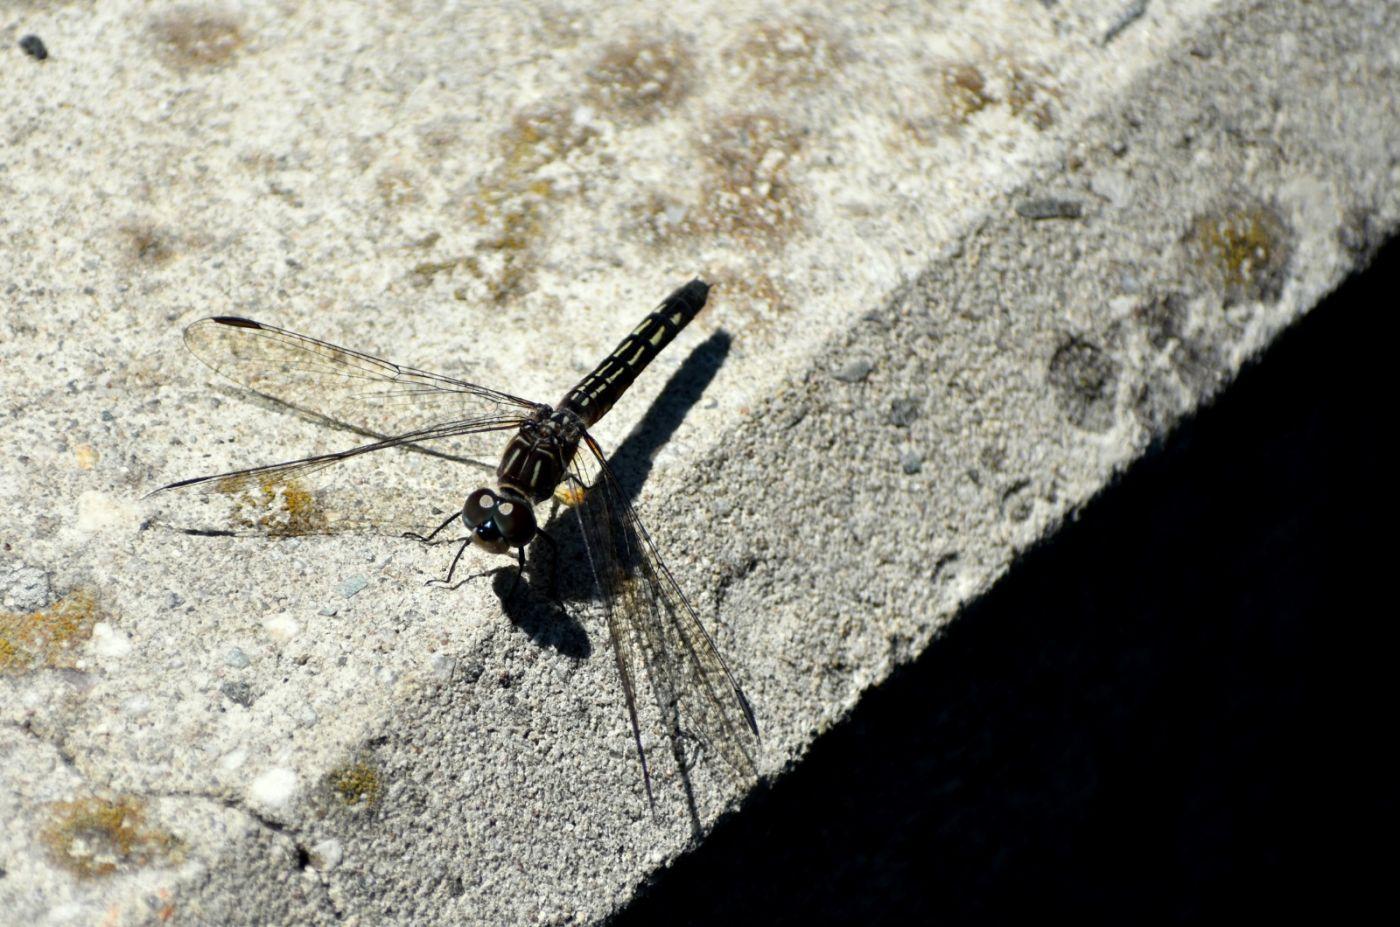 轻盈秀丽的蜻蜓_图1-16